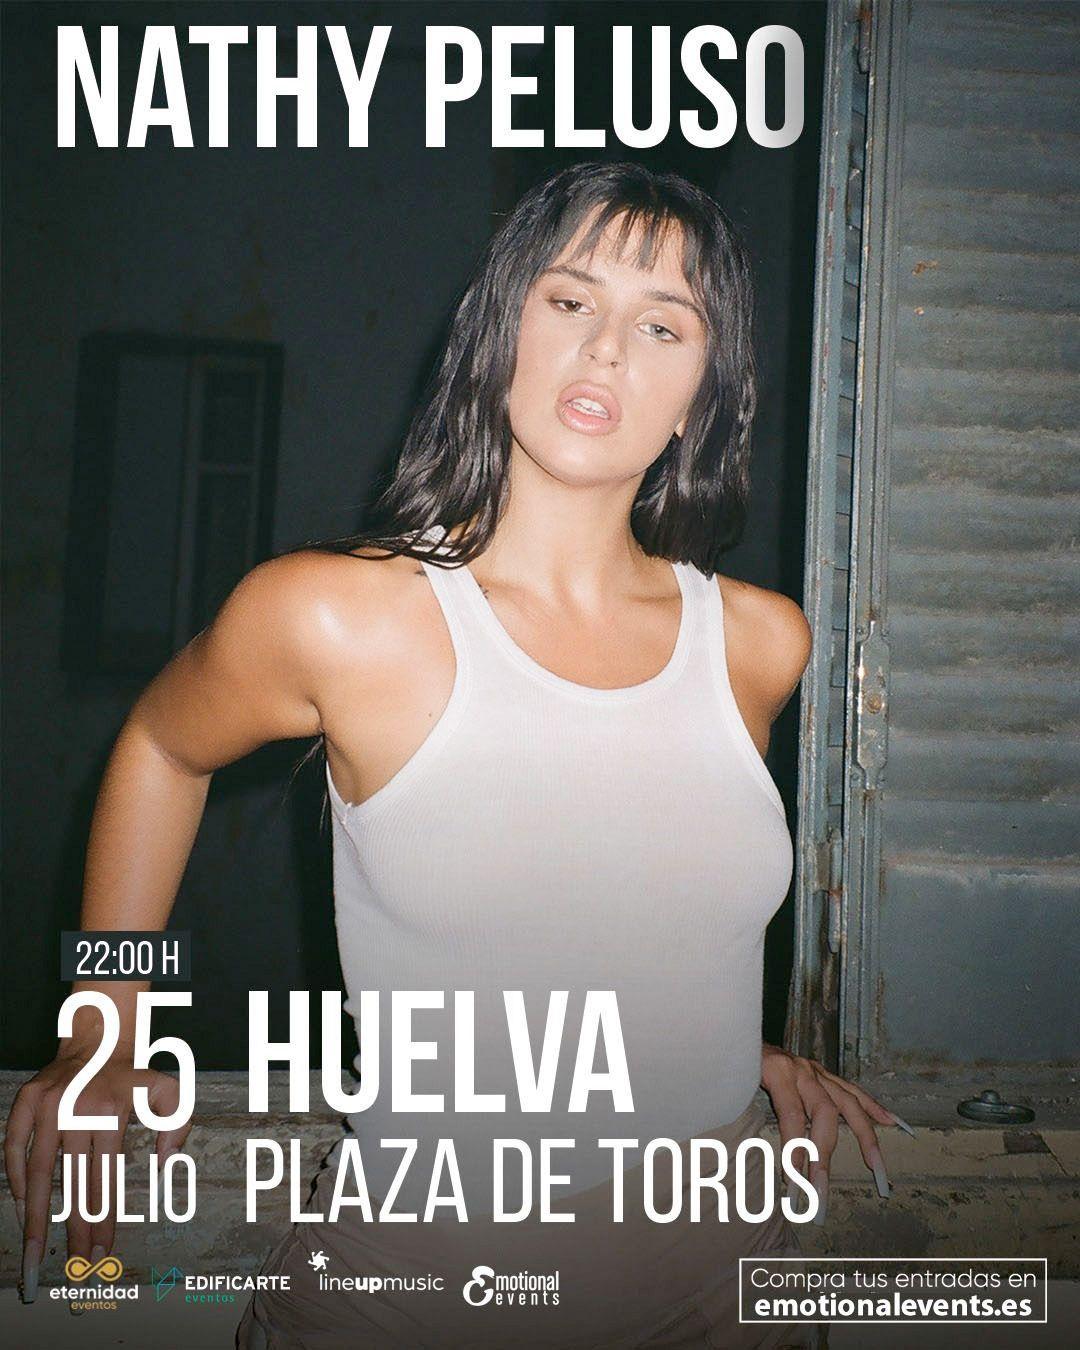 Nathy Peluso Huelva